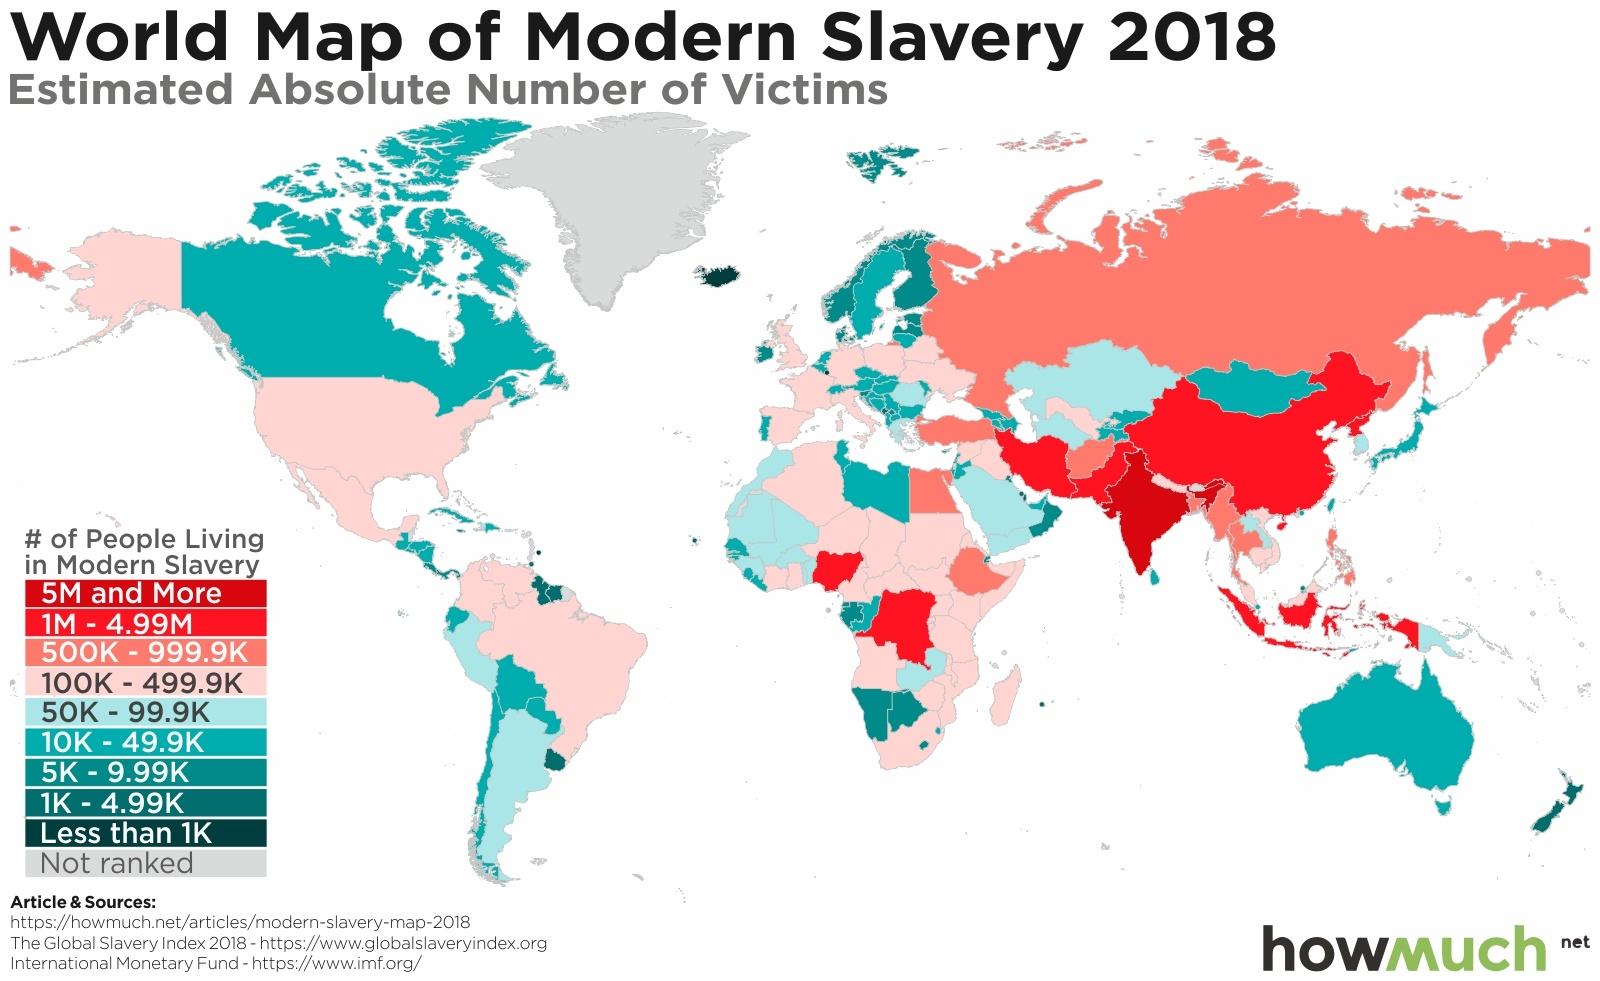 نقشهی بردهداری مدرن در دنیا - کشور عزیزمان مثل همیشه اوضاع خرابی دارد!